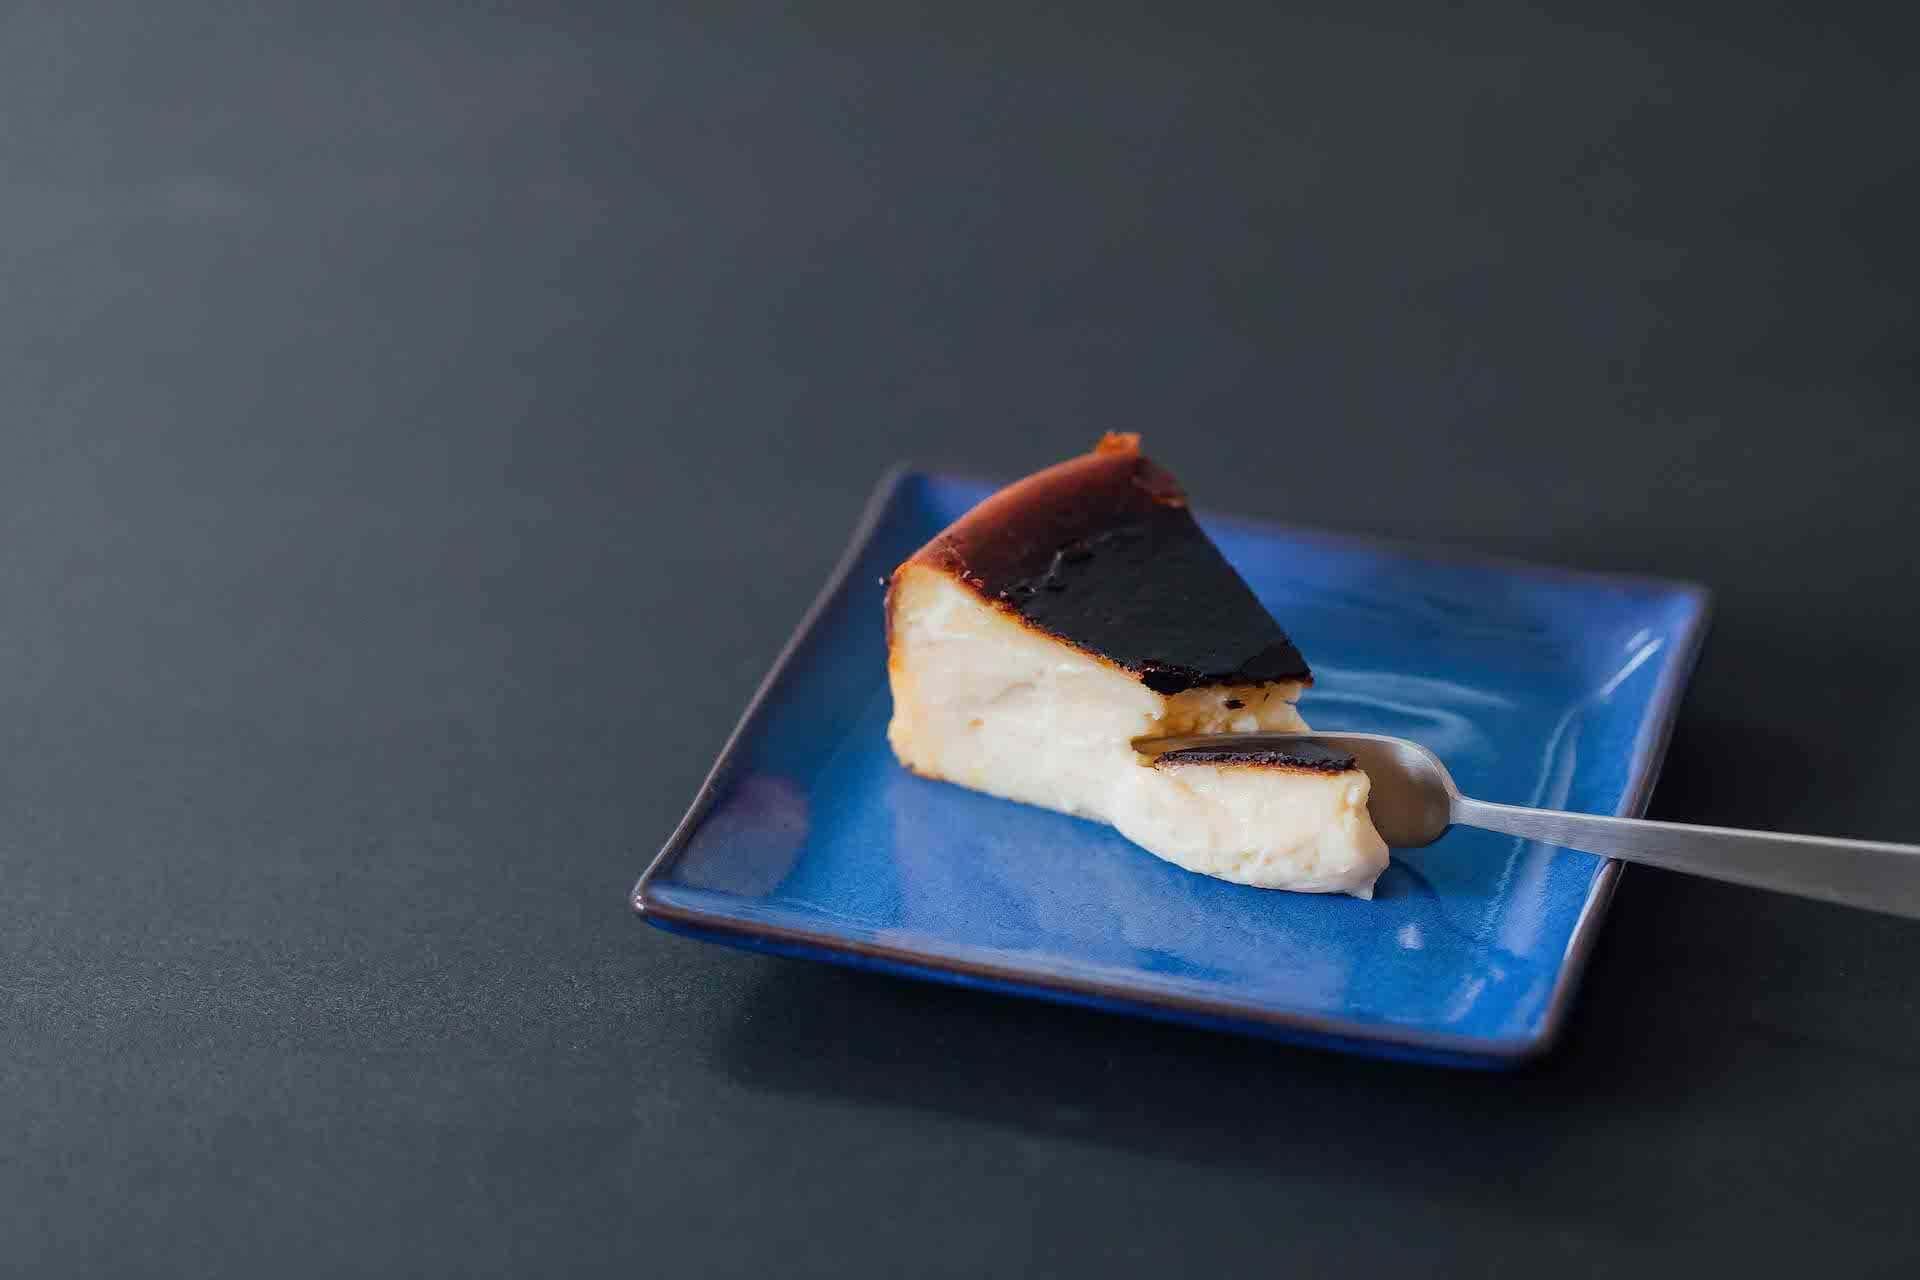 プレゼントにもおすすめ!グルテンフリーの絶品バスクチーズケーキが大阪発「June CHEESECAKE」より数量限定でオンライン販売開始 gourmet200715_june-cake_5-1920x1280